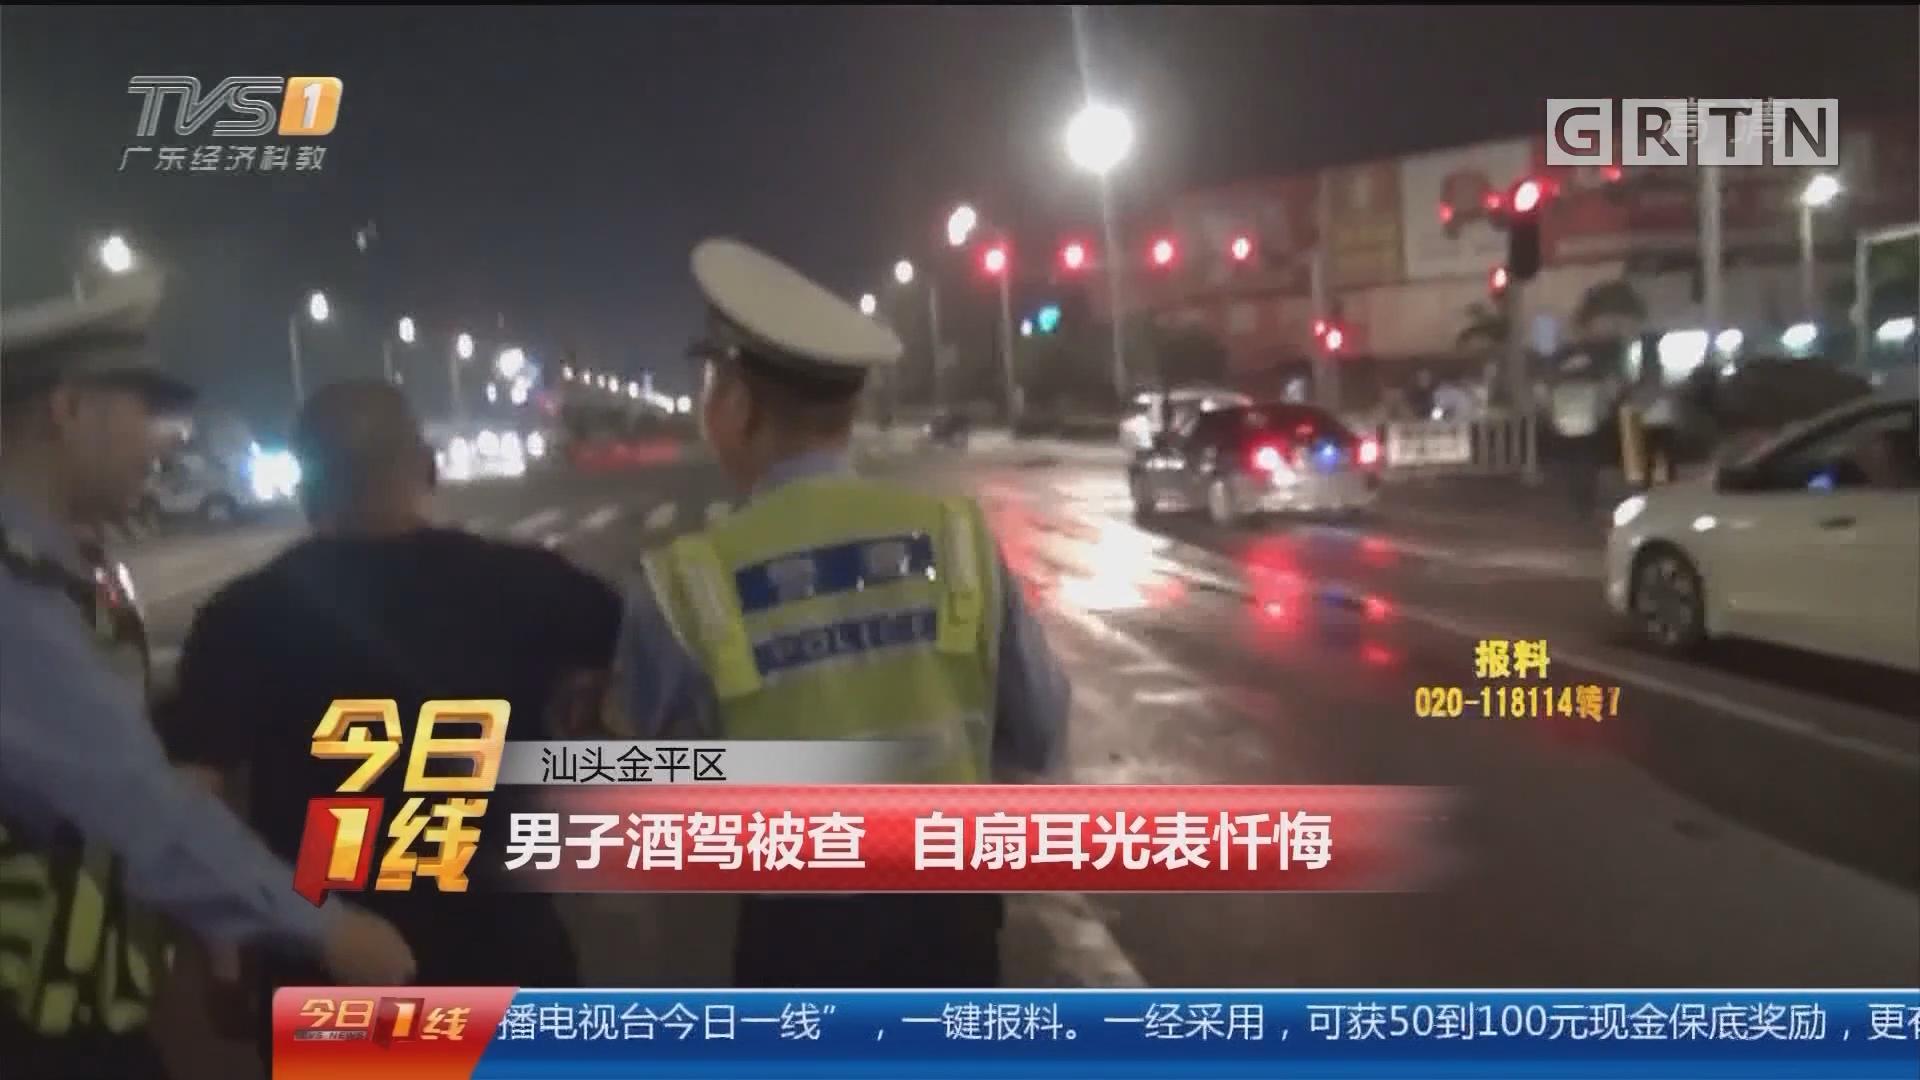 汕头金平区:男子酒驾被查 自扇耳光表忏悔